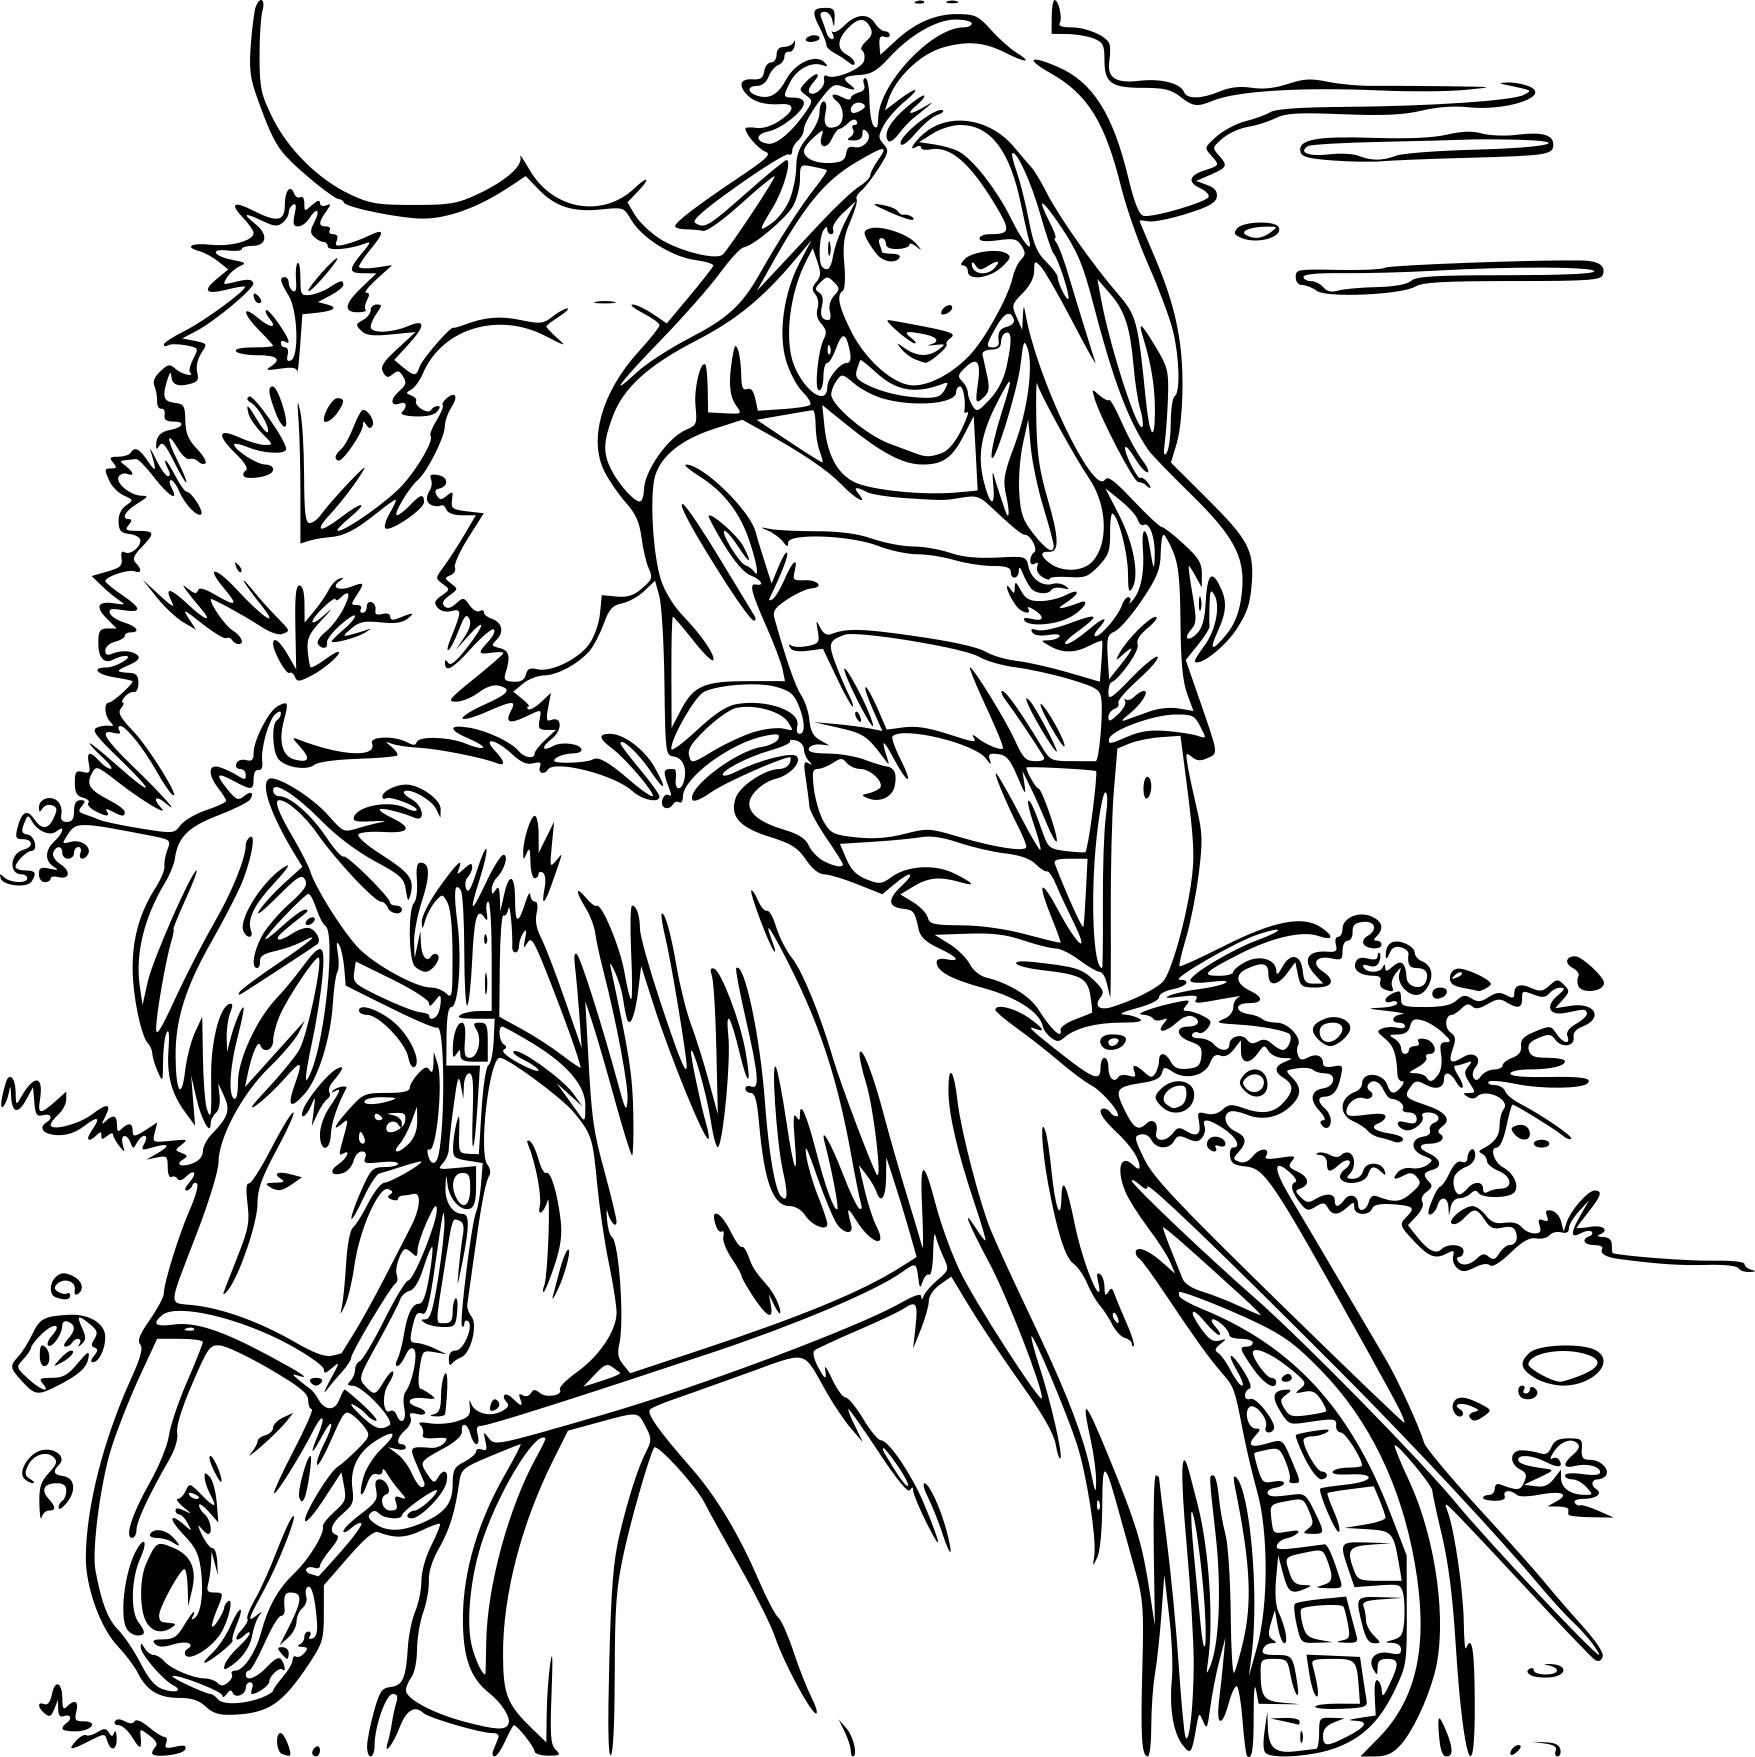 Coloriage barbie et un cheval imprimer gratuit - Barbie chevaux ...